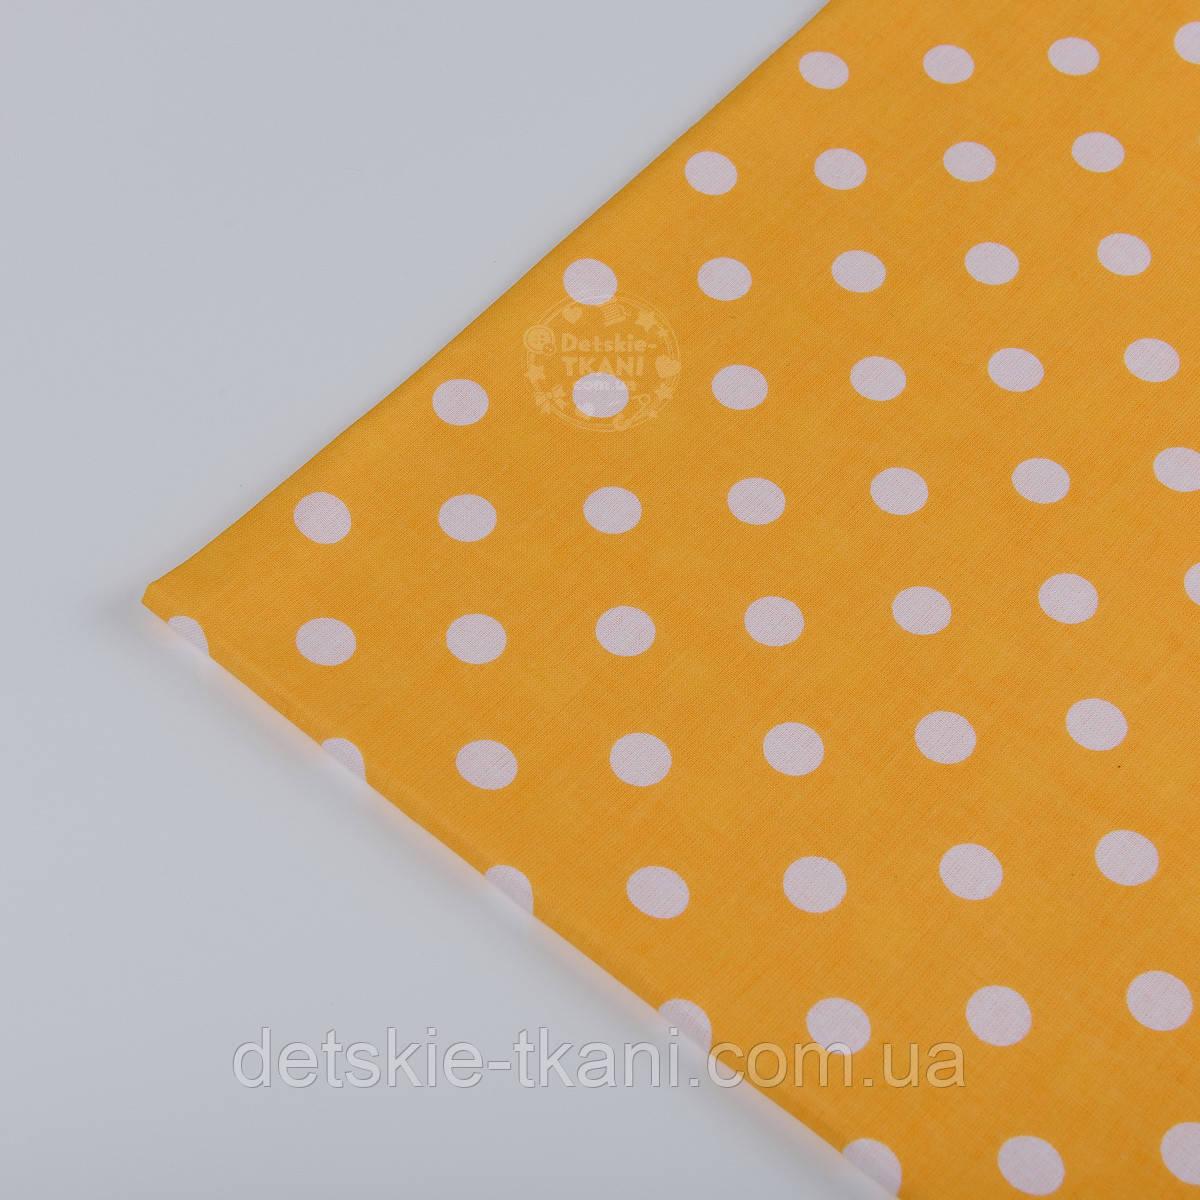 Лоскут ткани №201а  с белым горошком 1 см на жёлто-оранжевом фоне